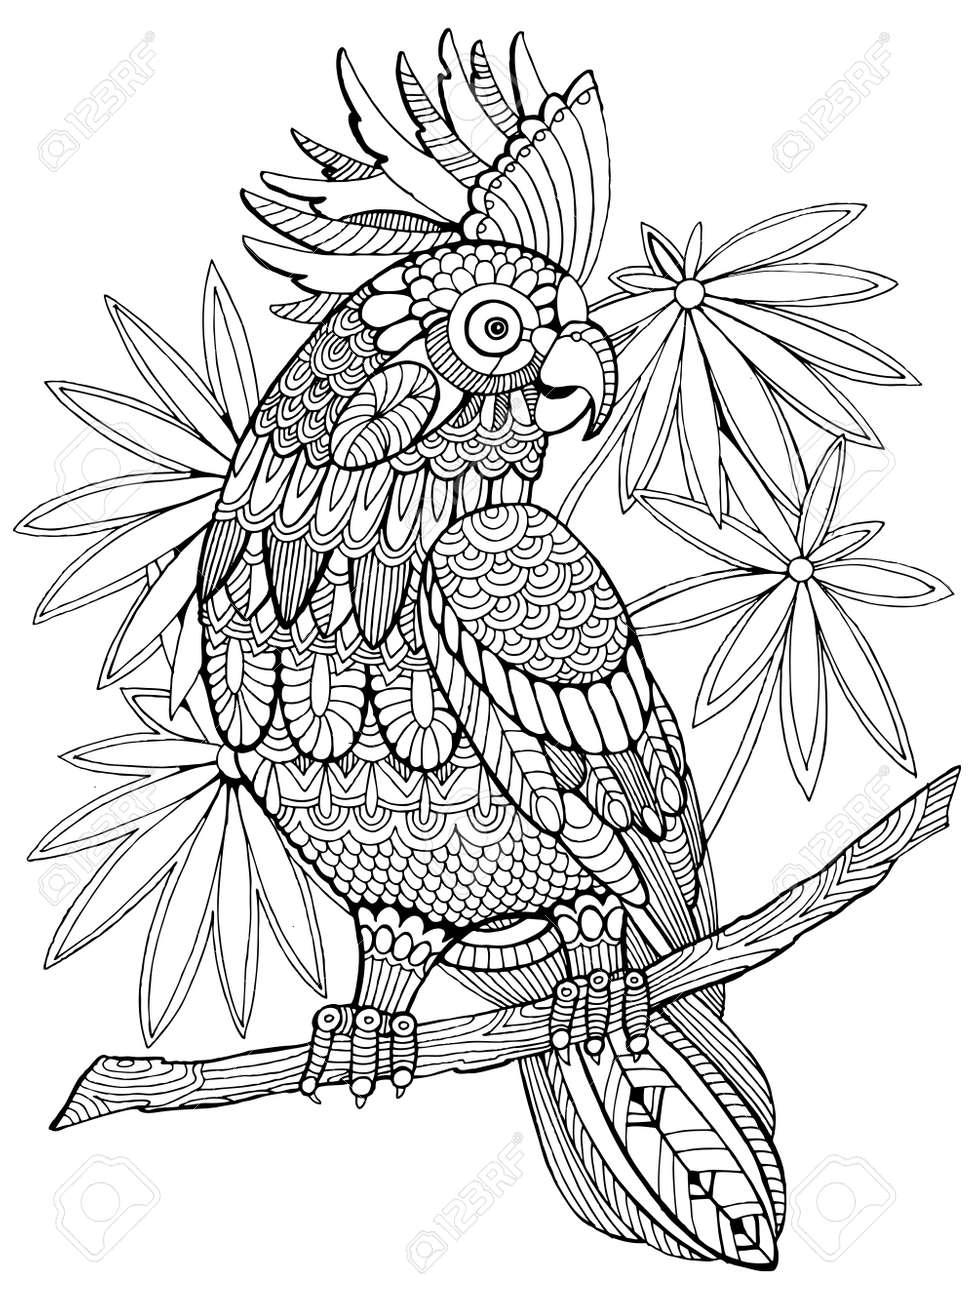 Cockatoo perroquet livre de coloriage pour les adultes illustration Anti stress coloration pour les